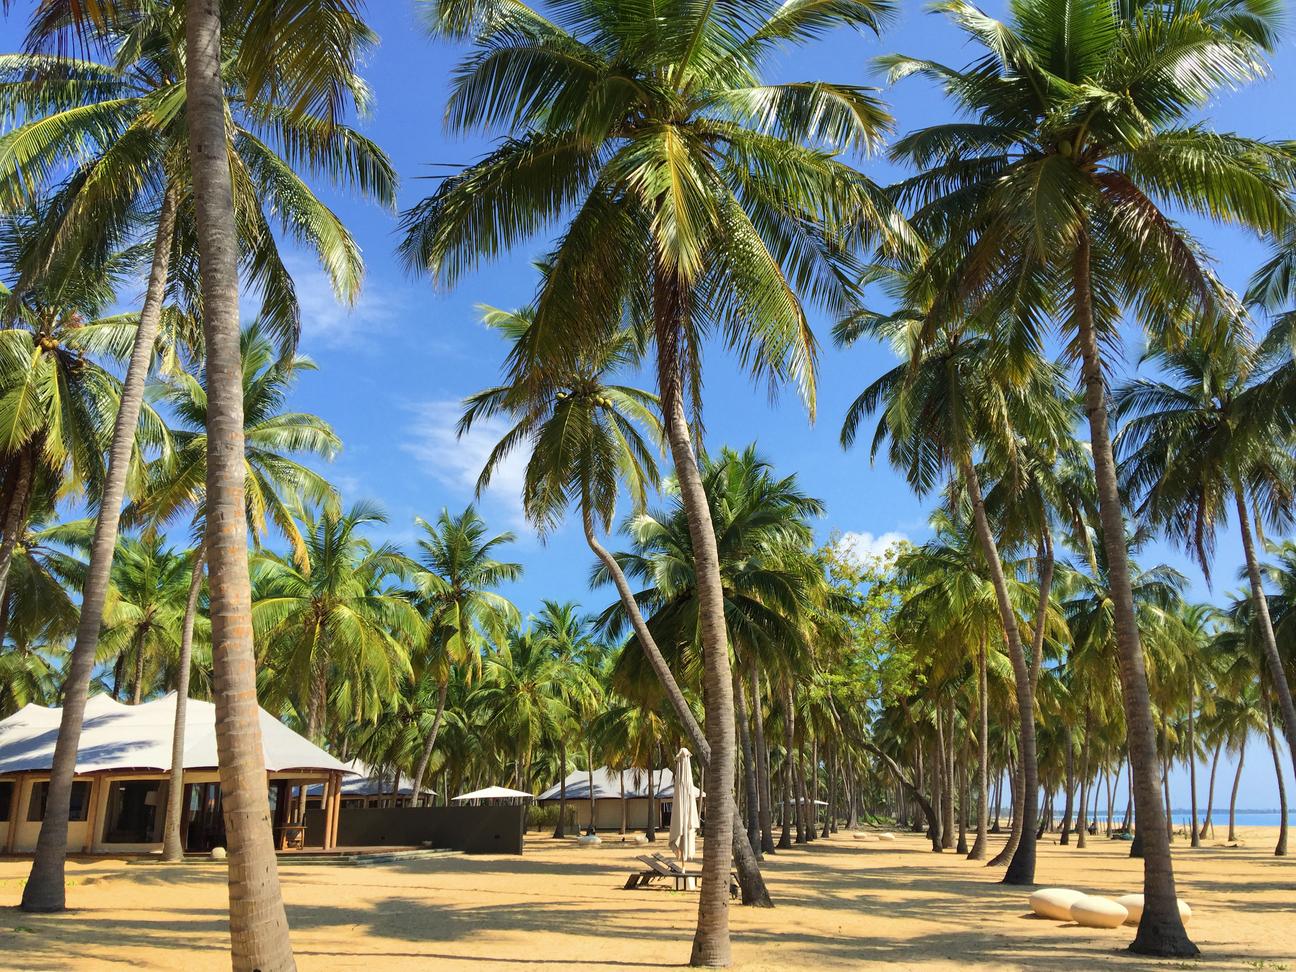 Karpaha Sands at Kalkudah Beach